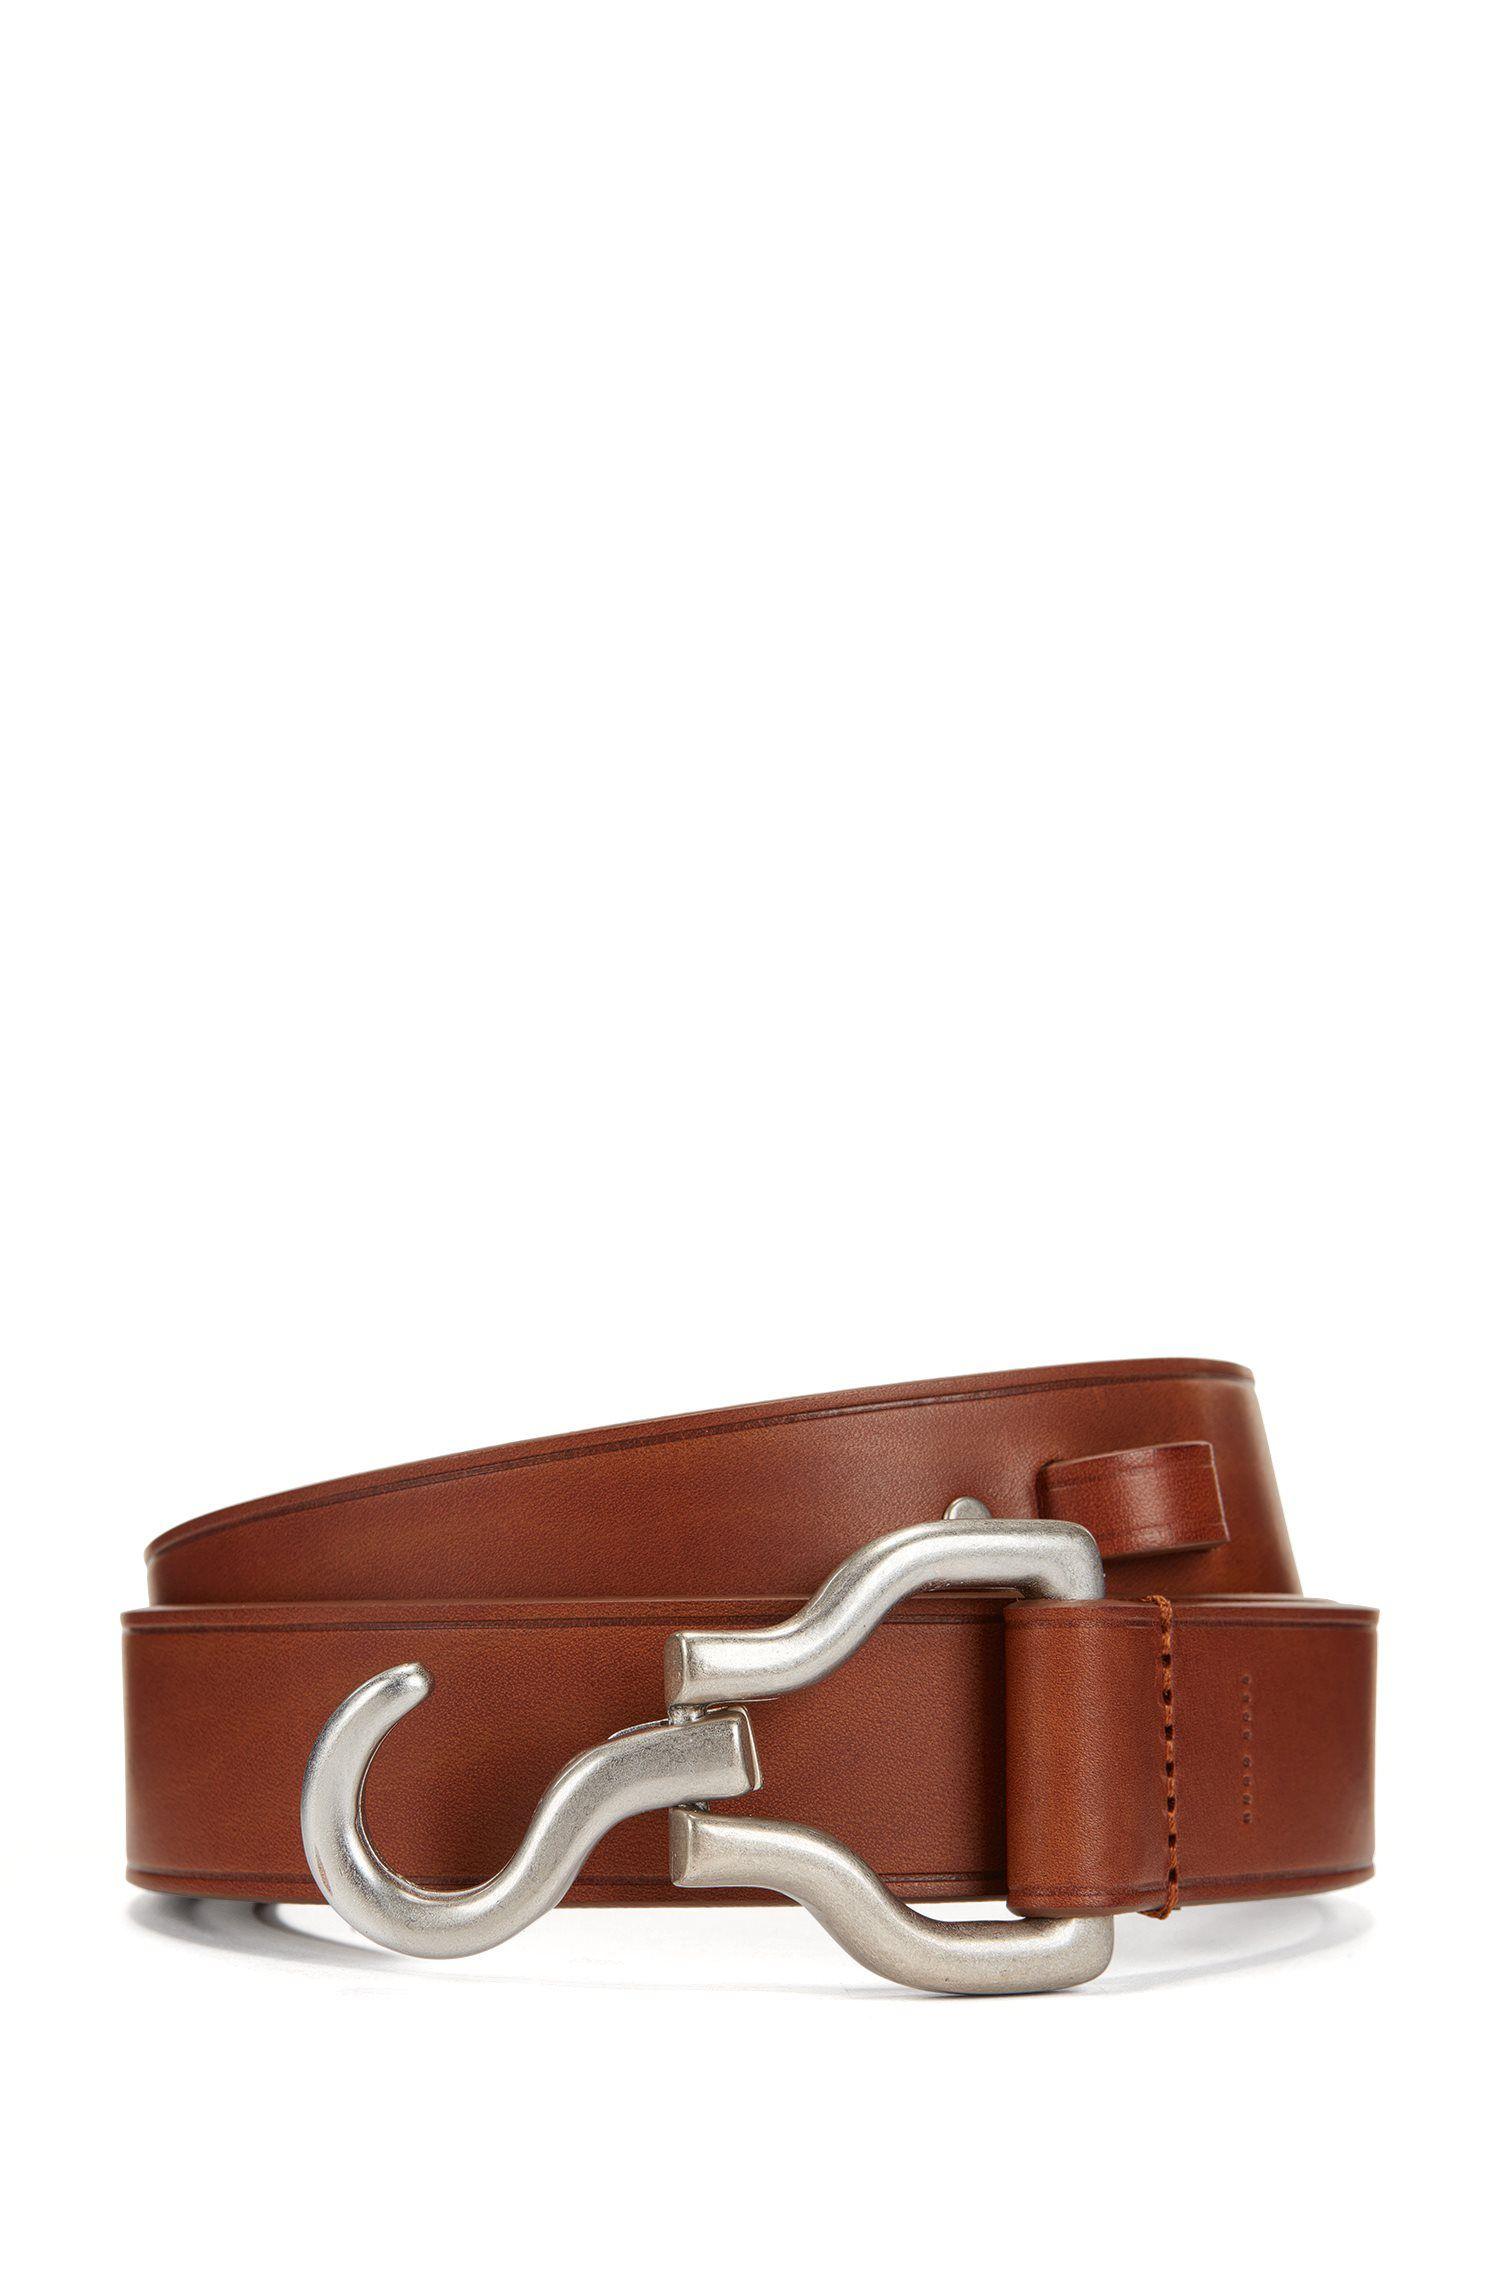 Cintura con chiusura a gancio in pelle liscia realizzata in Italia